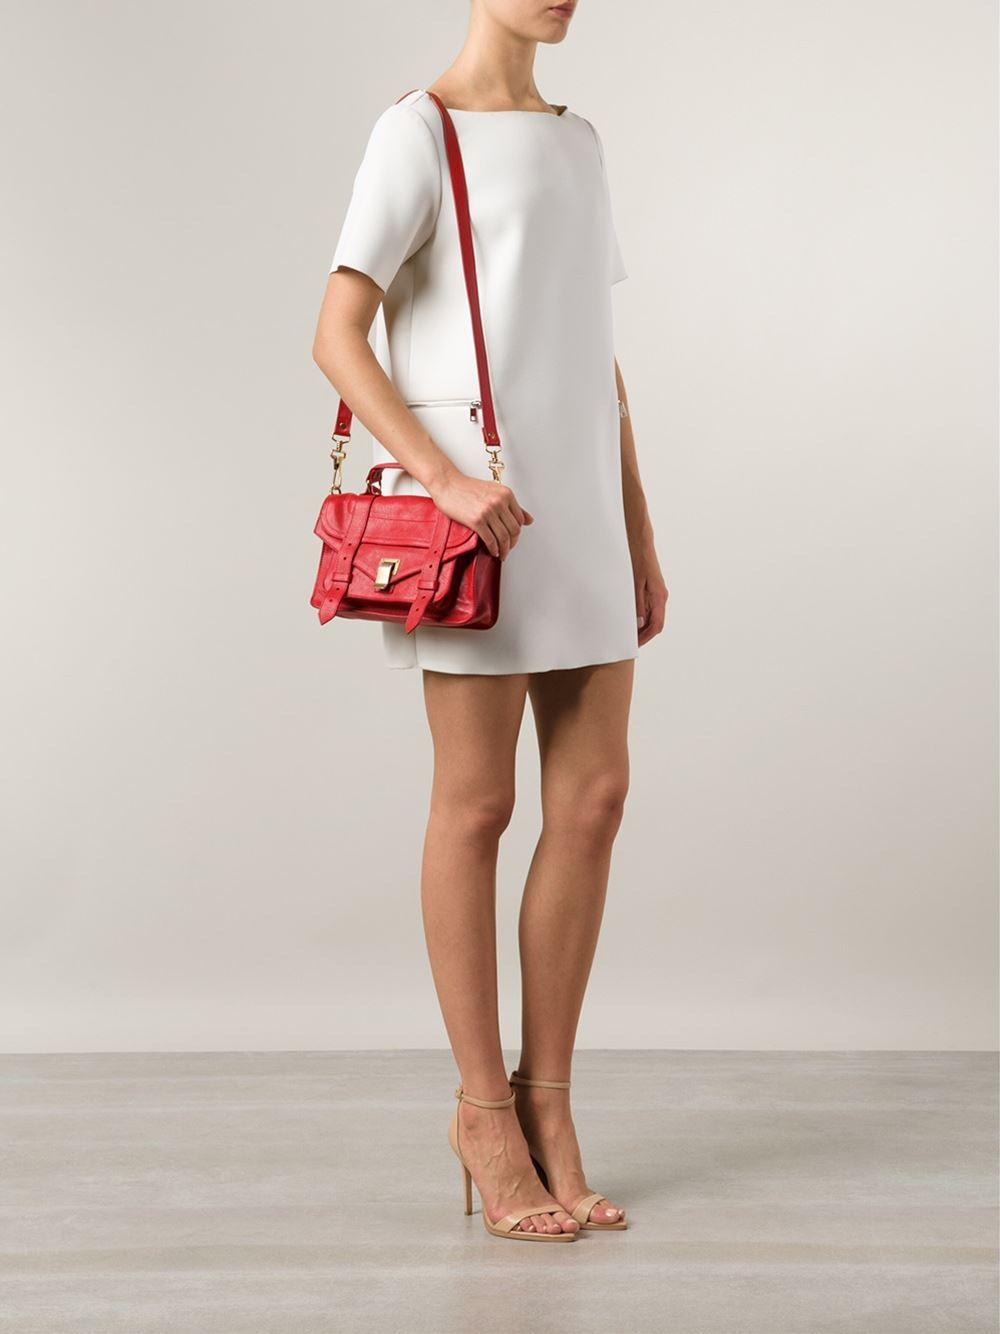 Proenza Schouler PS1 Satchel Bag – Bragmybag